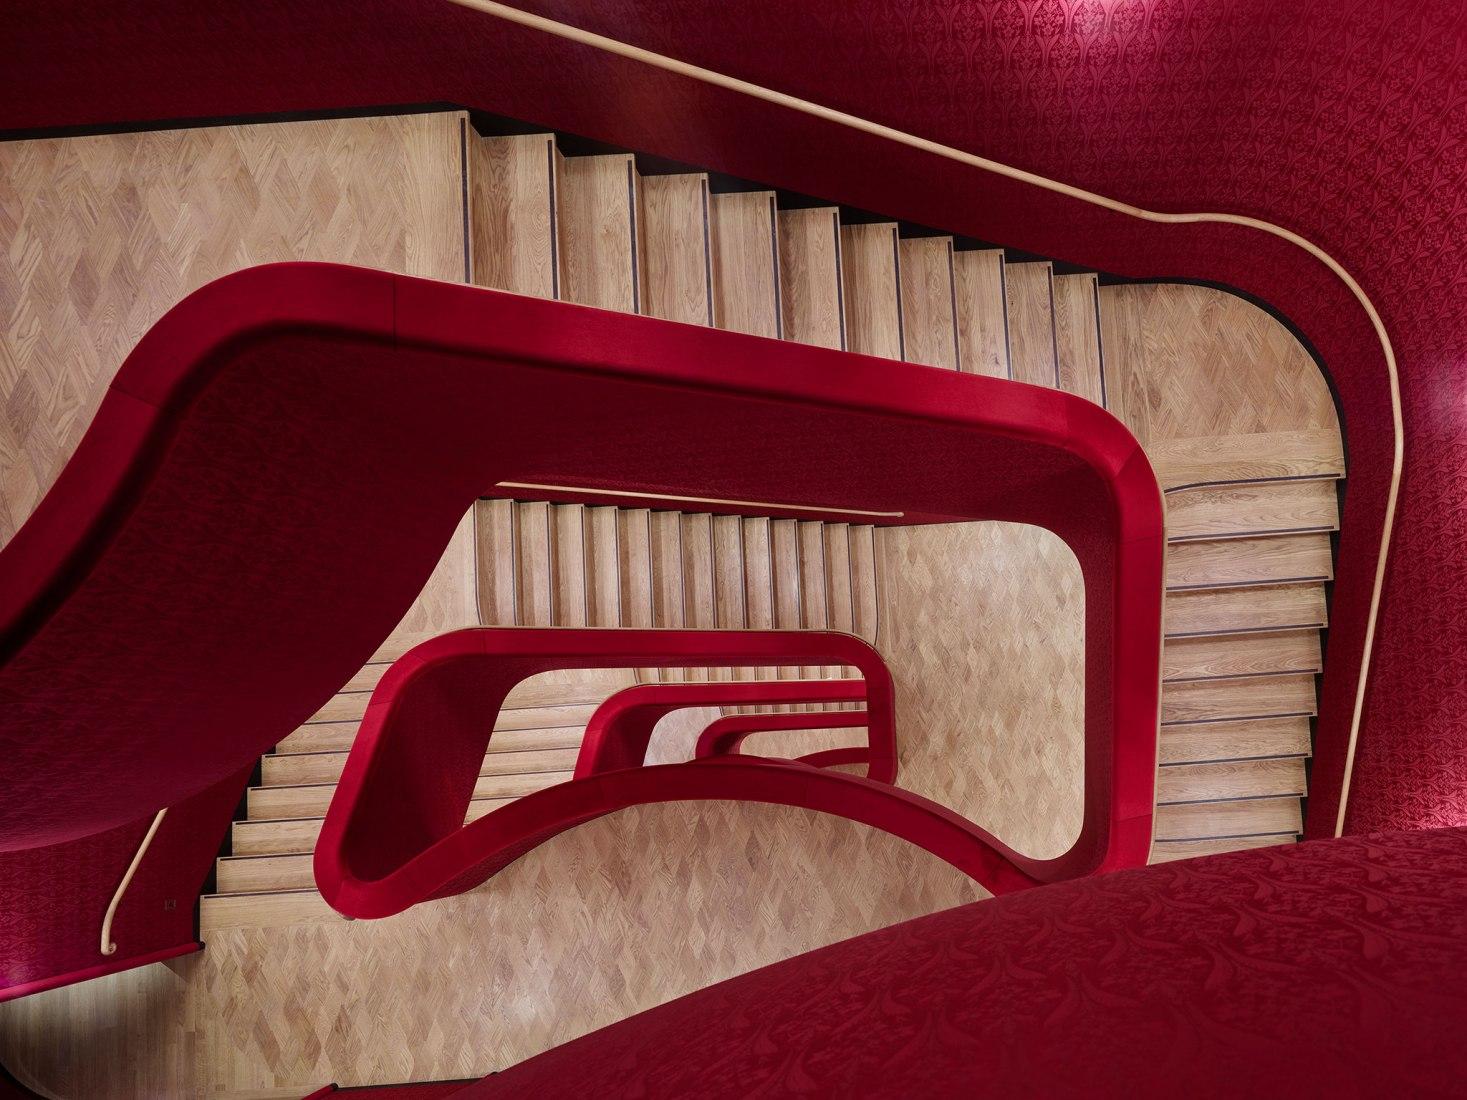 אולם ניאו-בארוקי בבזל, בתכנון Herzog & de Meuron